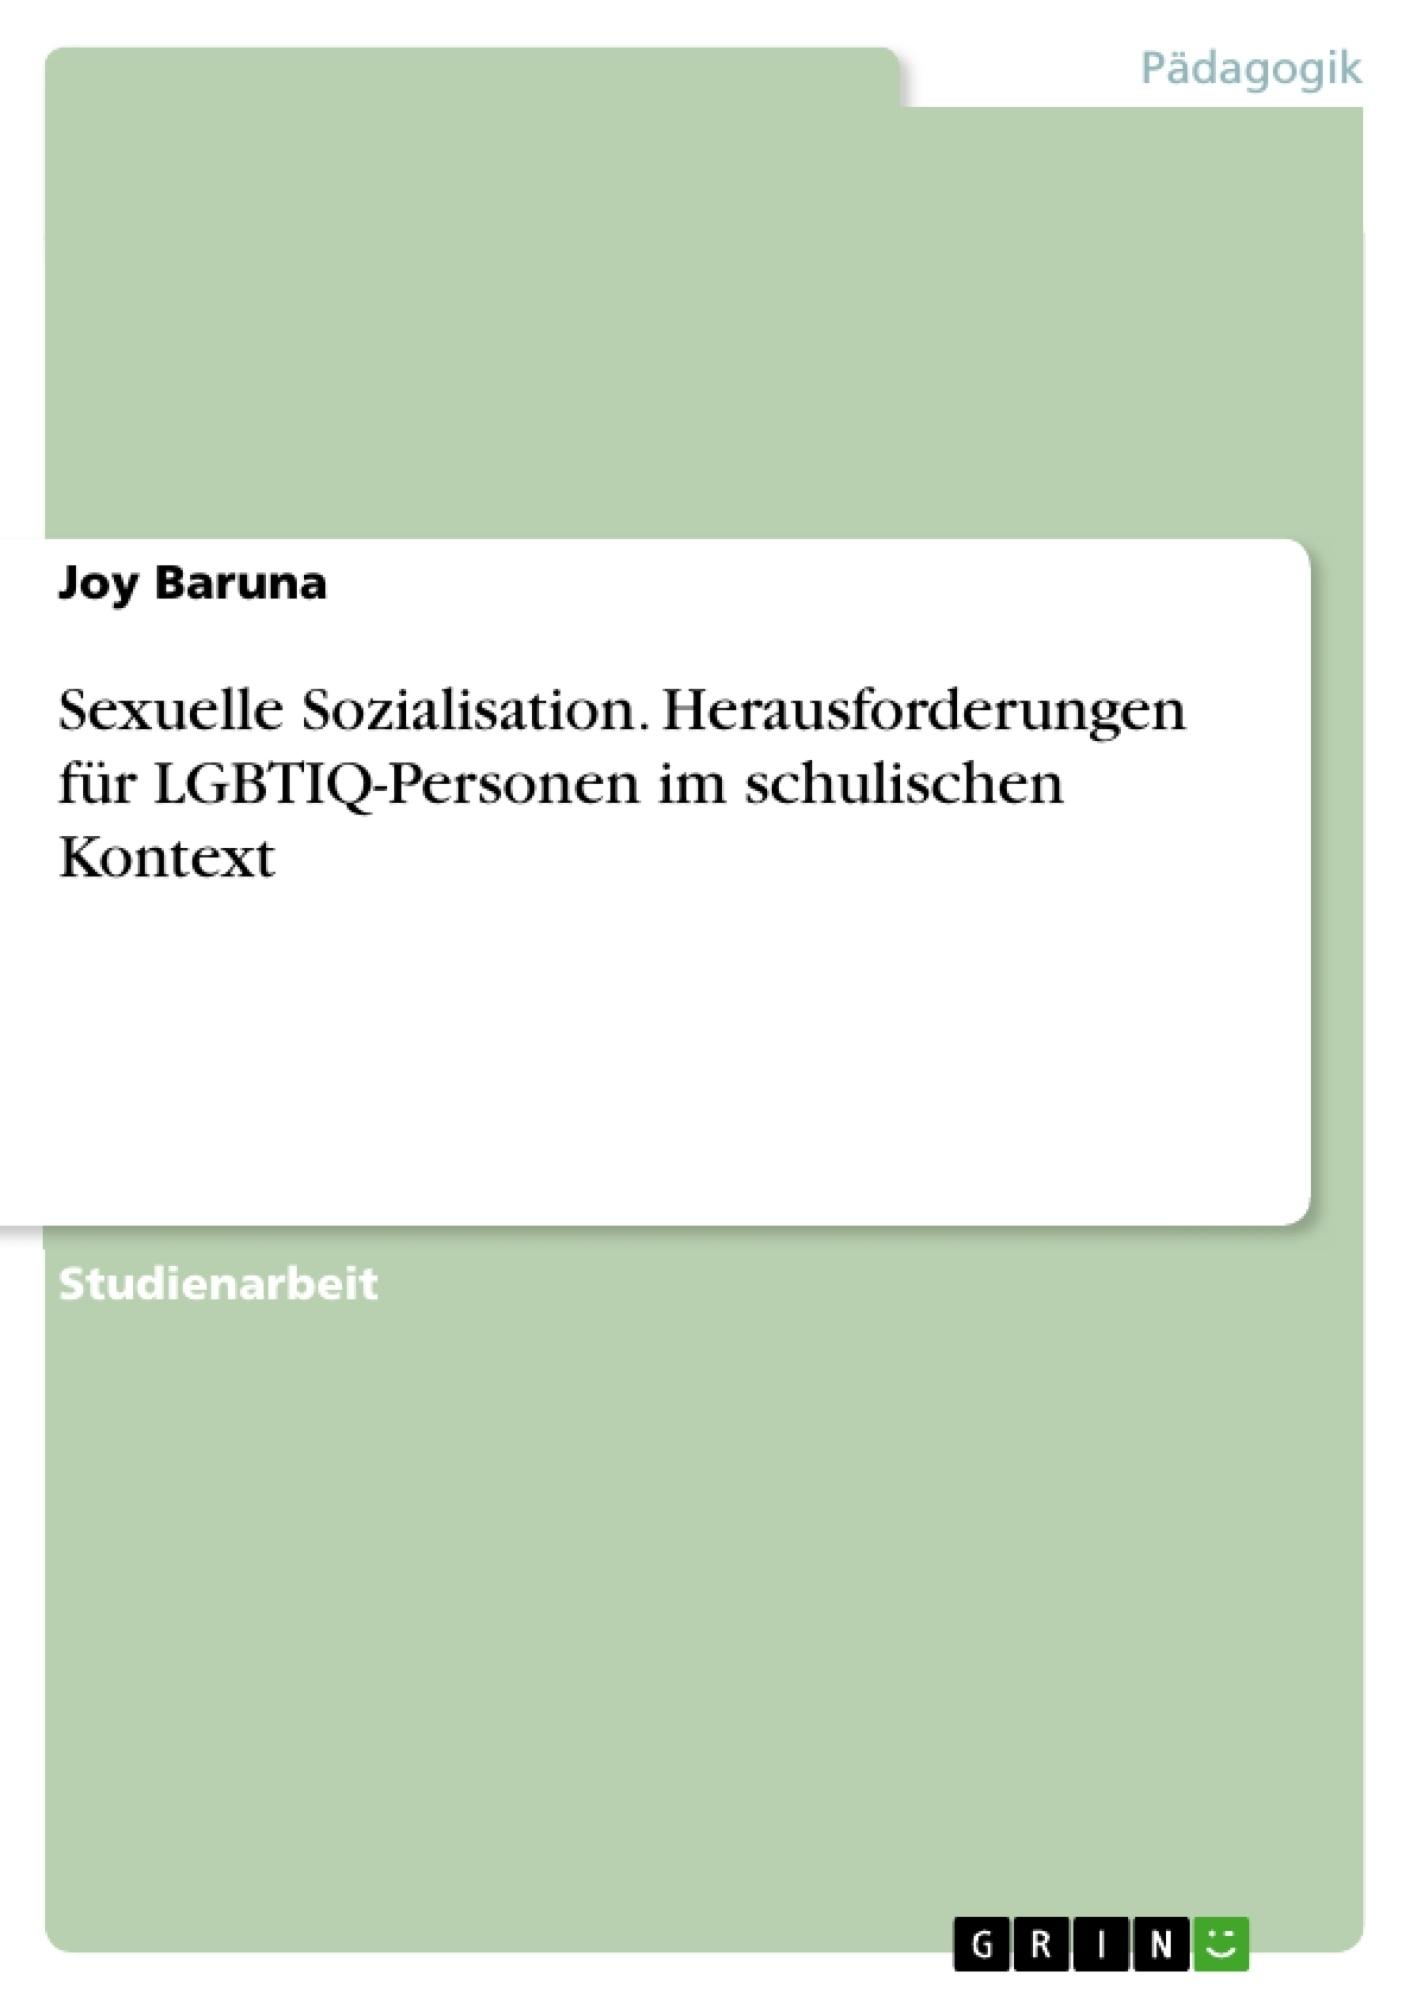 Titel: Sexuelle Sozialisation. Herausforderungen für LGBTIQ-Personen im schulischen Kontext